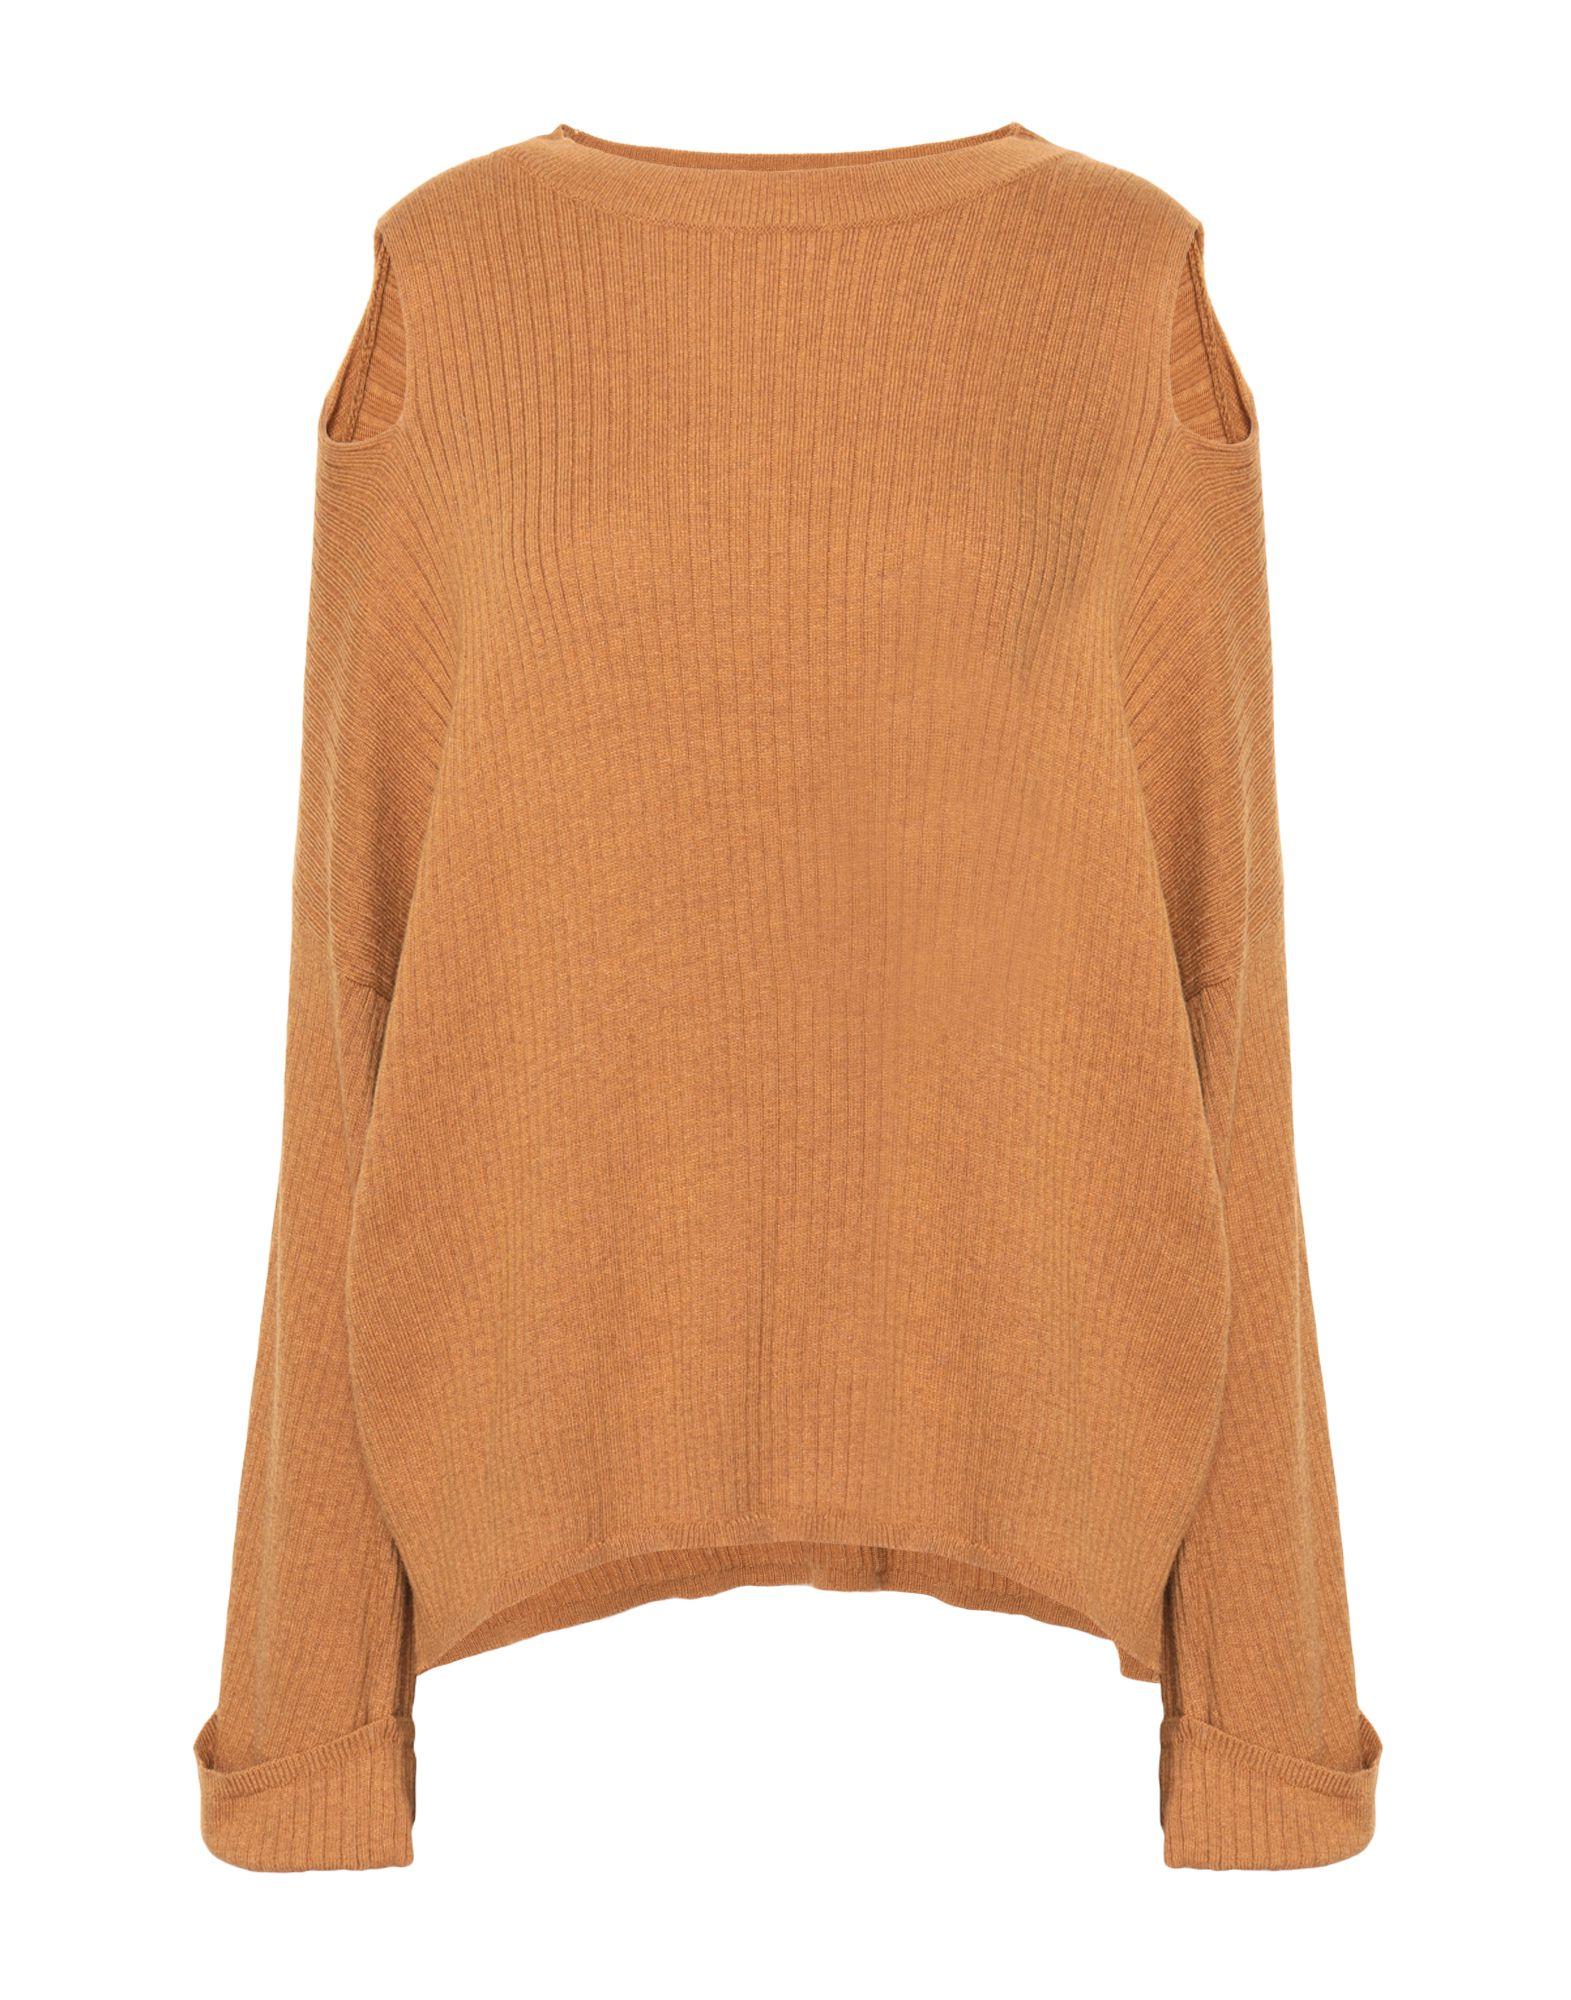 купить свитер для девочки в интернет магазине